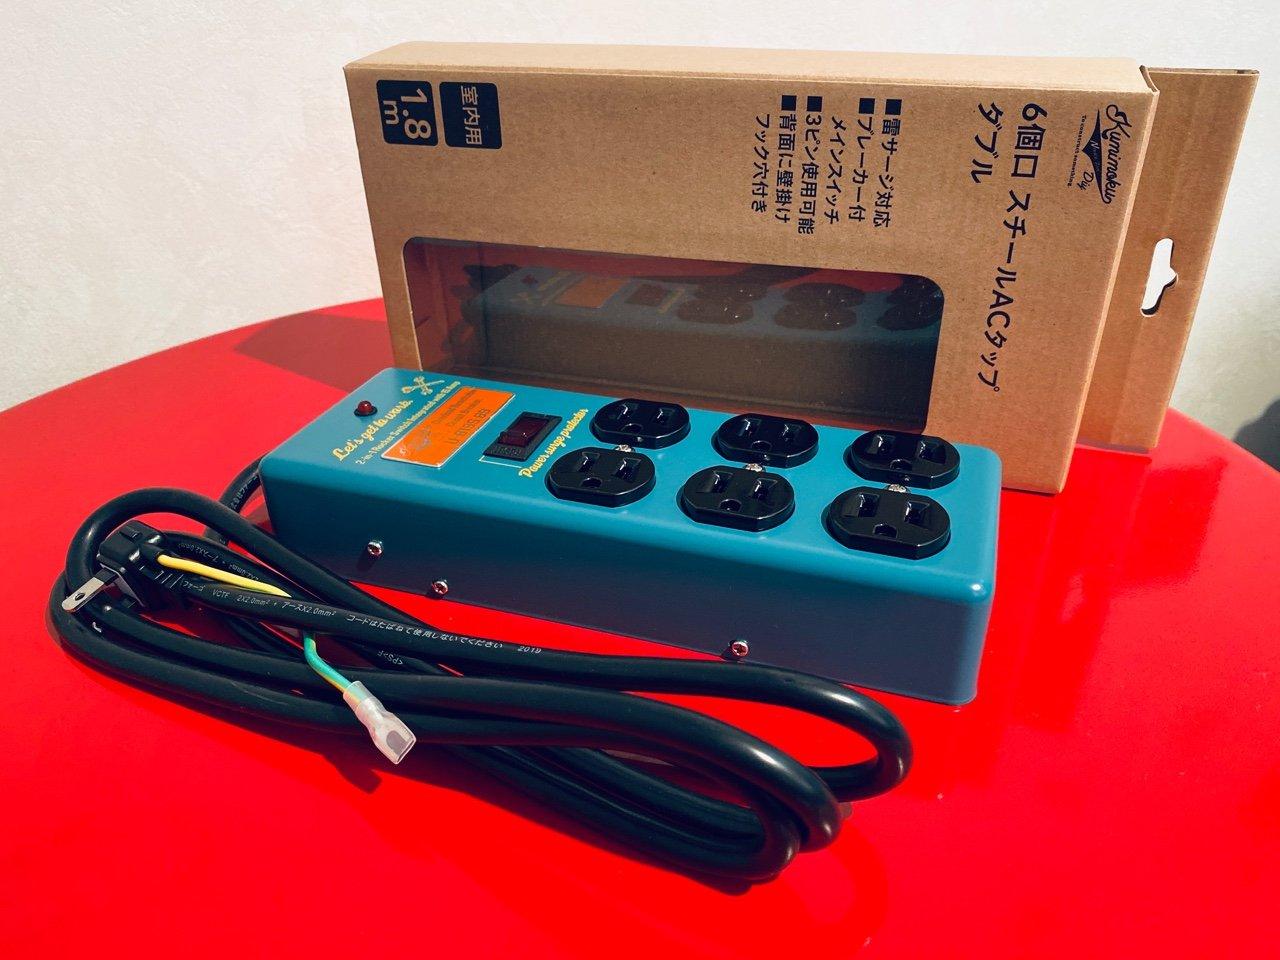 カインズ Kumimoku 6個口 スチールACタップ ダブル  「安全ブレーカー内蔵の一括スイッチ。使用電力がオーバーすると自動で電源OFF」「雷サージ対応」  Kumimoku 6個口 スチールACタップ ダブル ブルー(6個口(ダブル) ブルー): カインズ https://t.co/lCQHrAyY1R https://t.co/u0S3Nm67NY